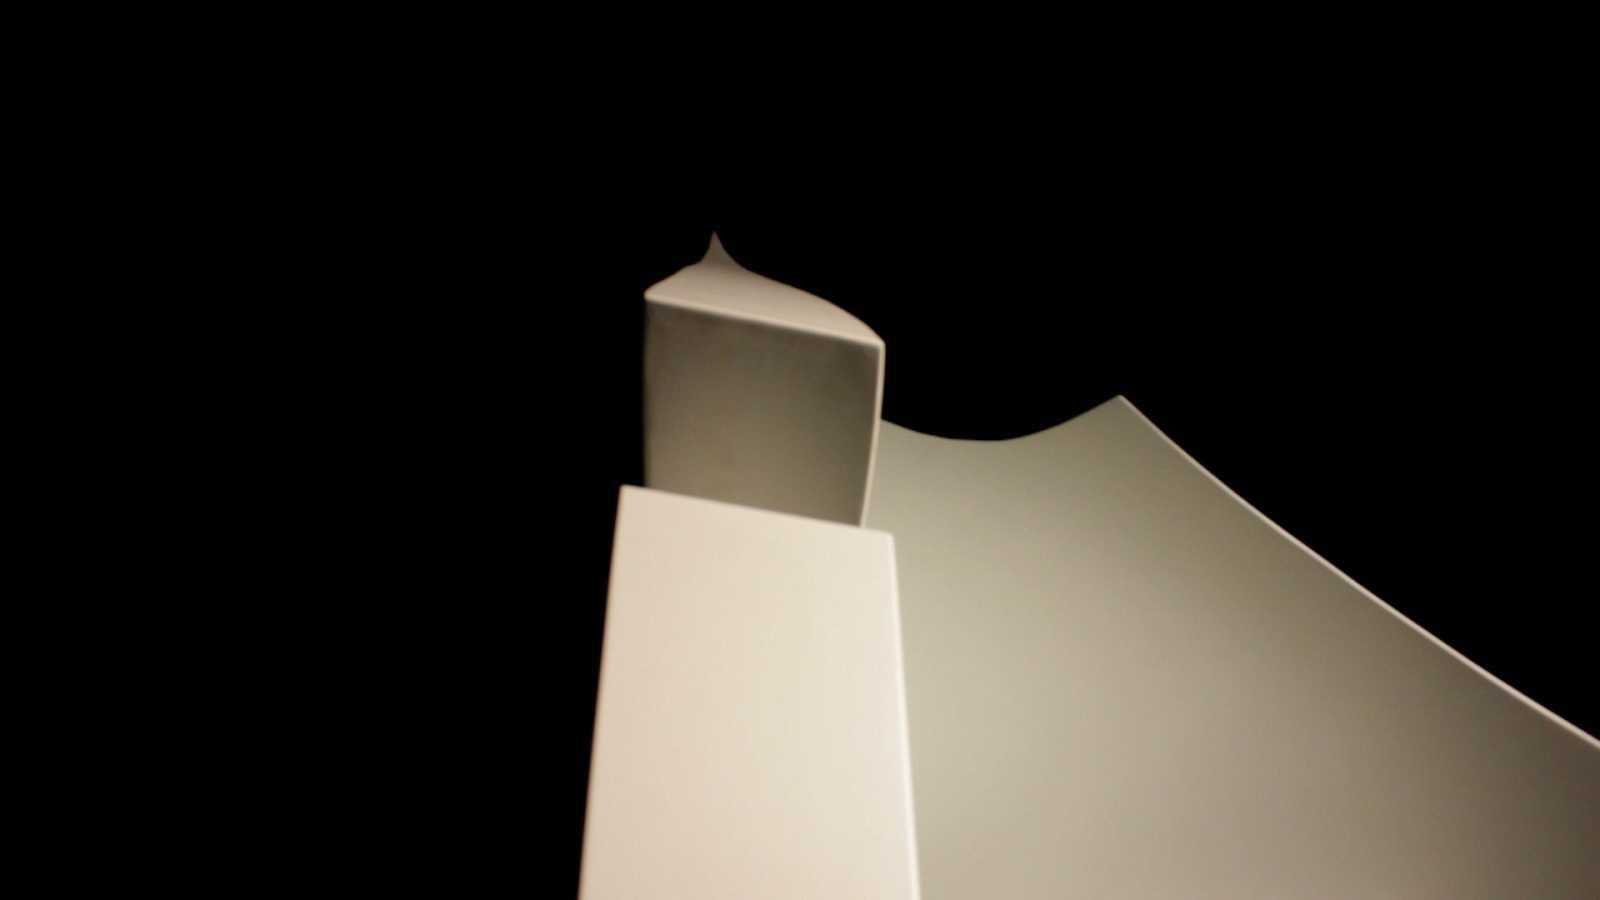 Fragmentos del documental 'Isla, vuelo y horizonte' sobre la escultora Mª Belén Morales